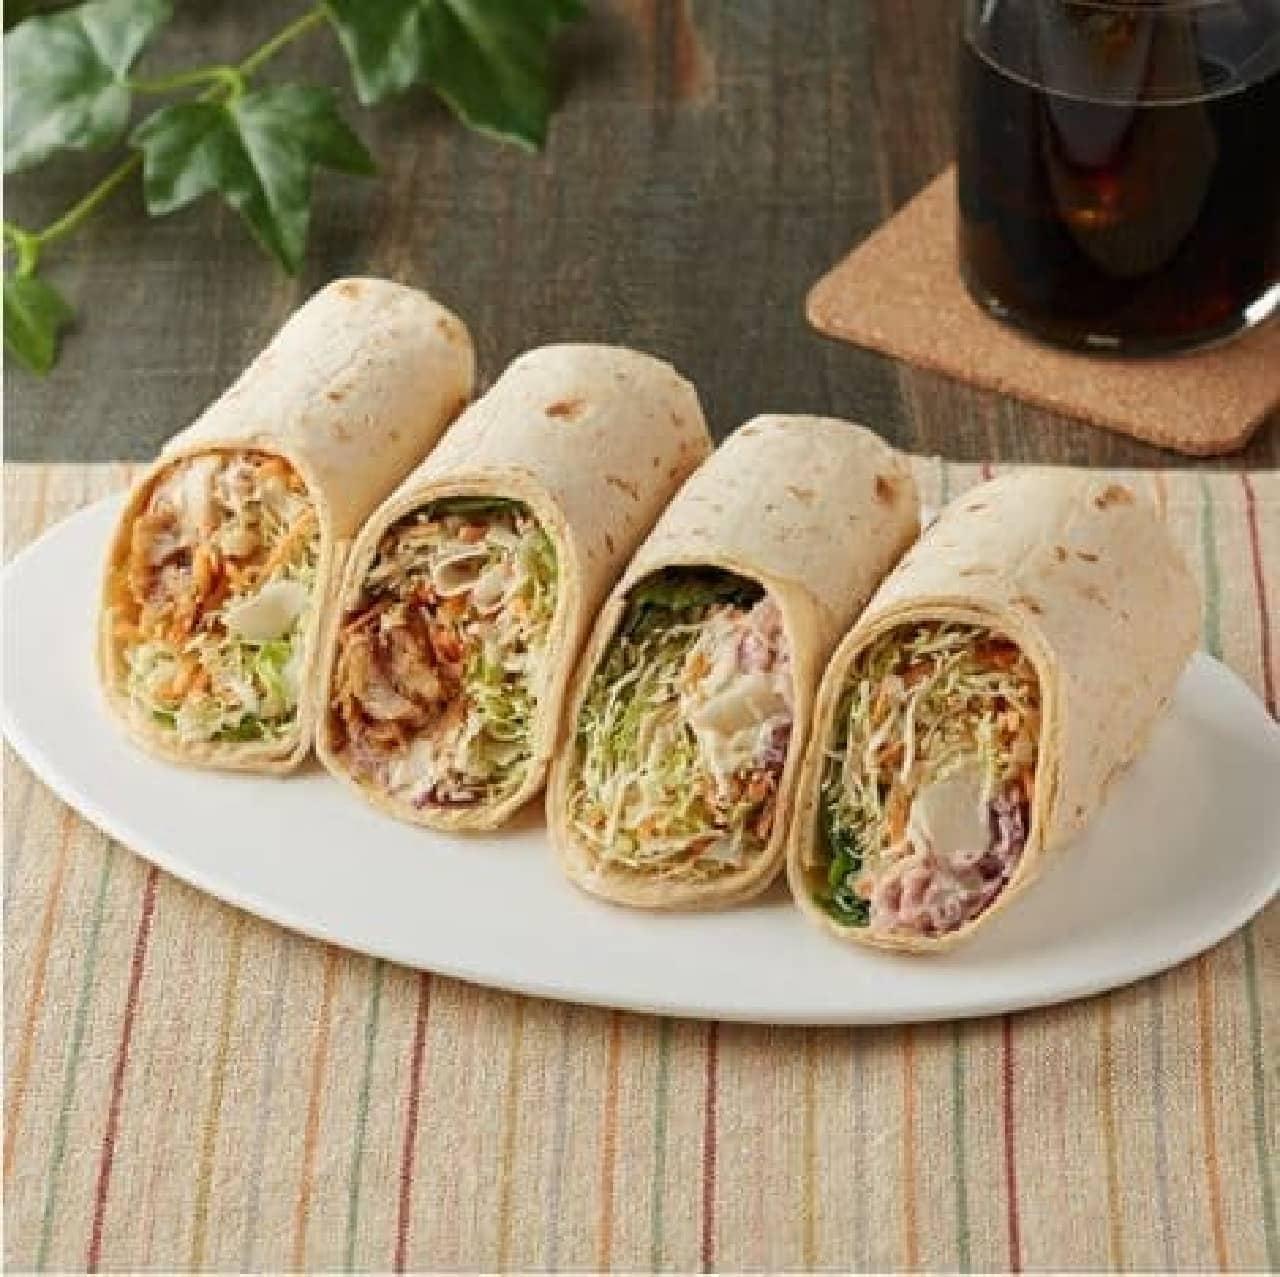 ファミリーマート「2種類のトルティーヤ チキンとパストラミポークサラダ」